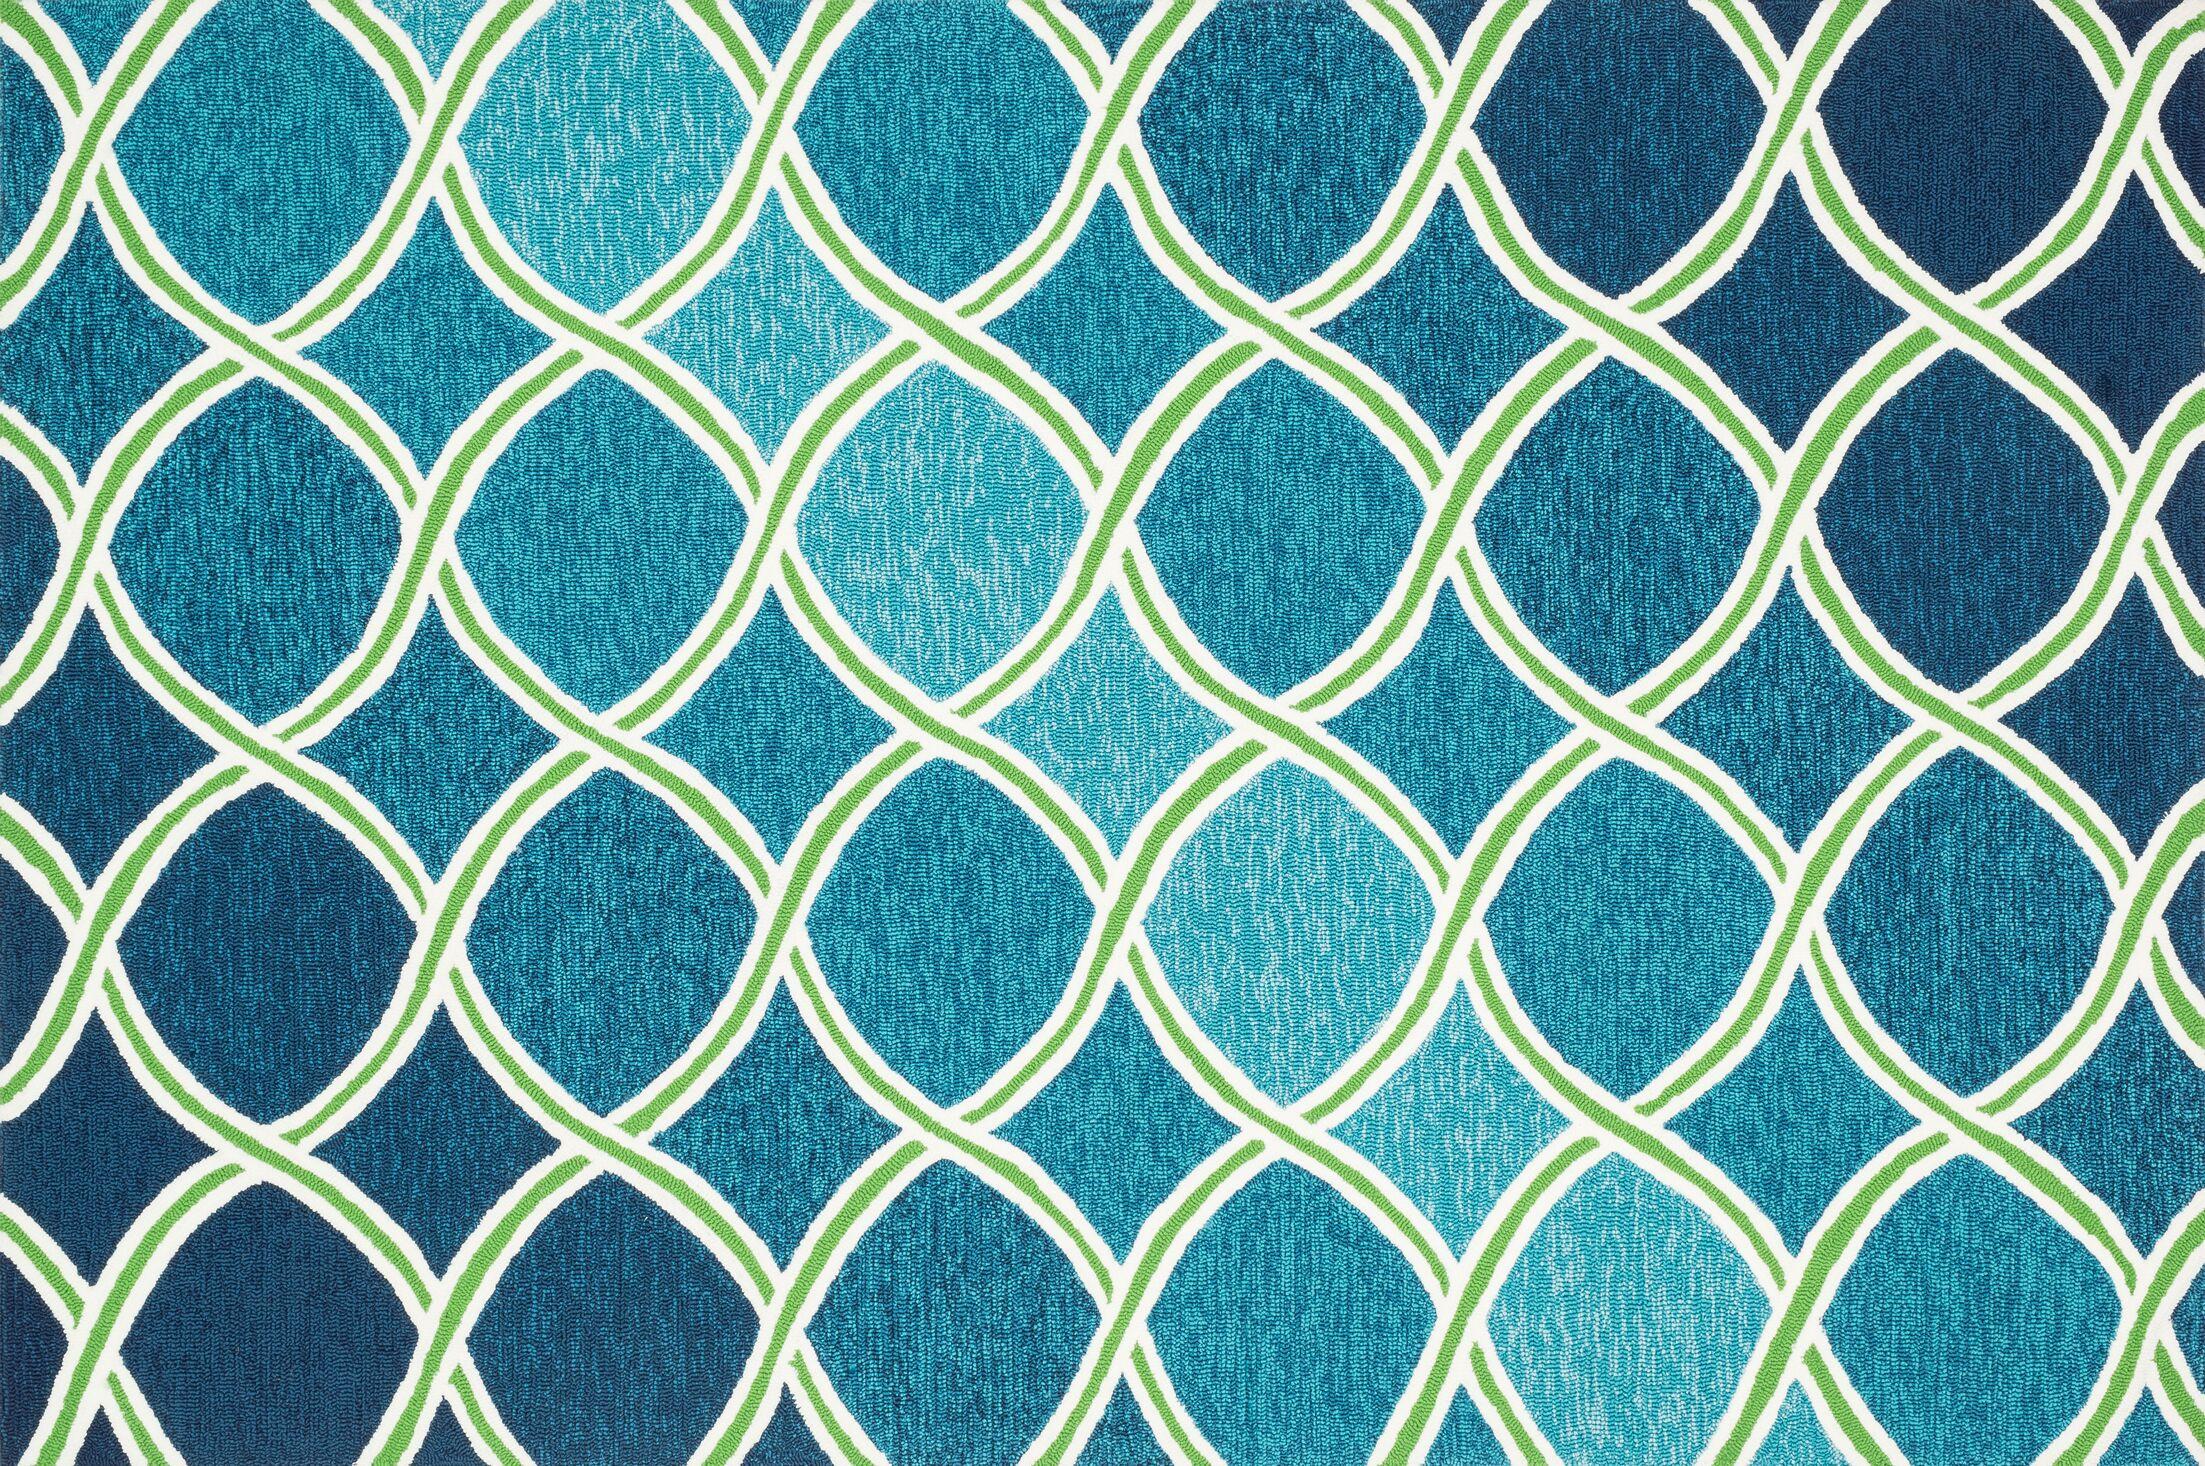 Danko Blue Indoor/Outdoor Area Rug Rug Size: Rectangle 5' x 7'6